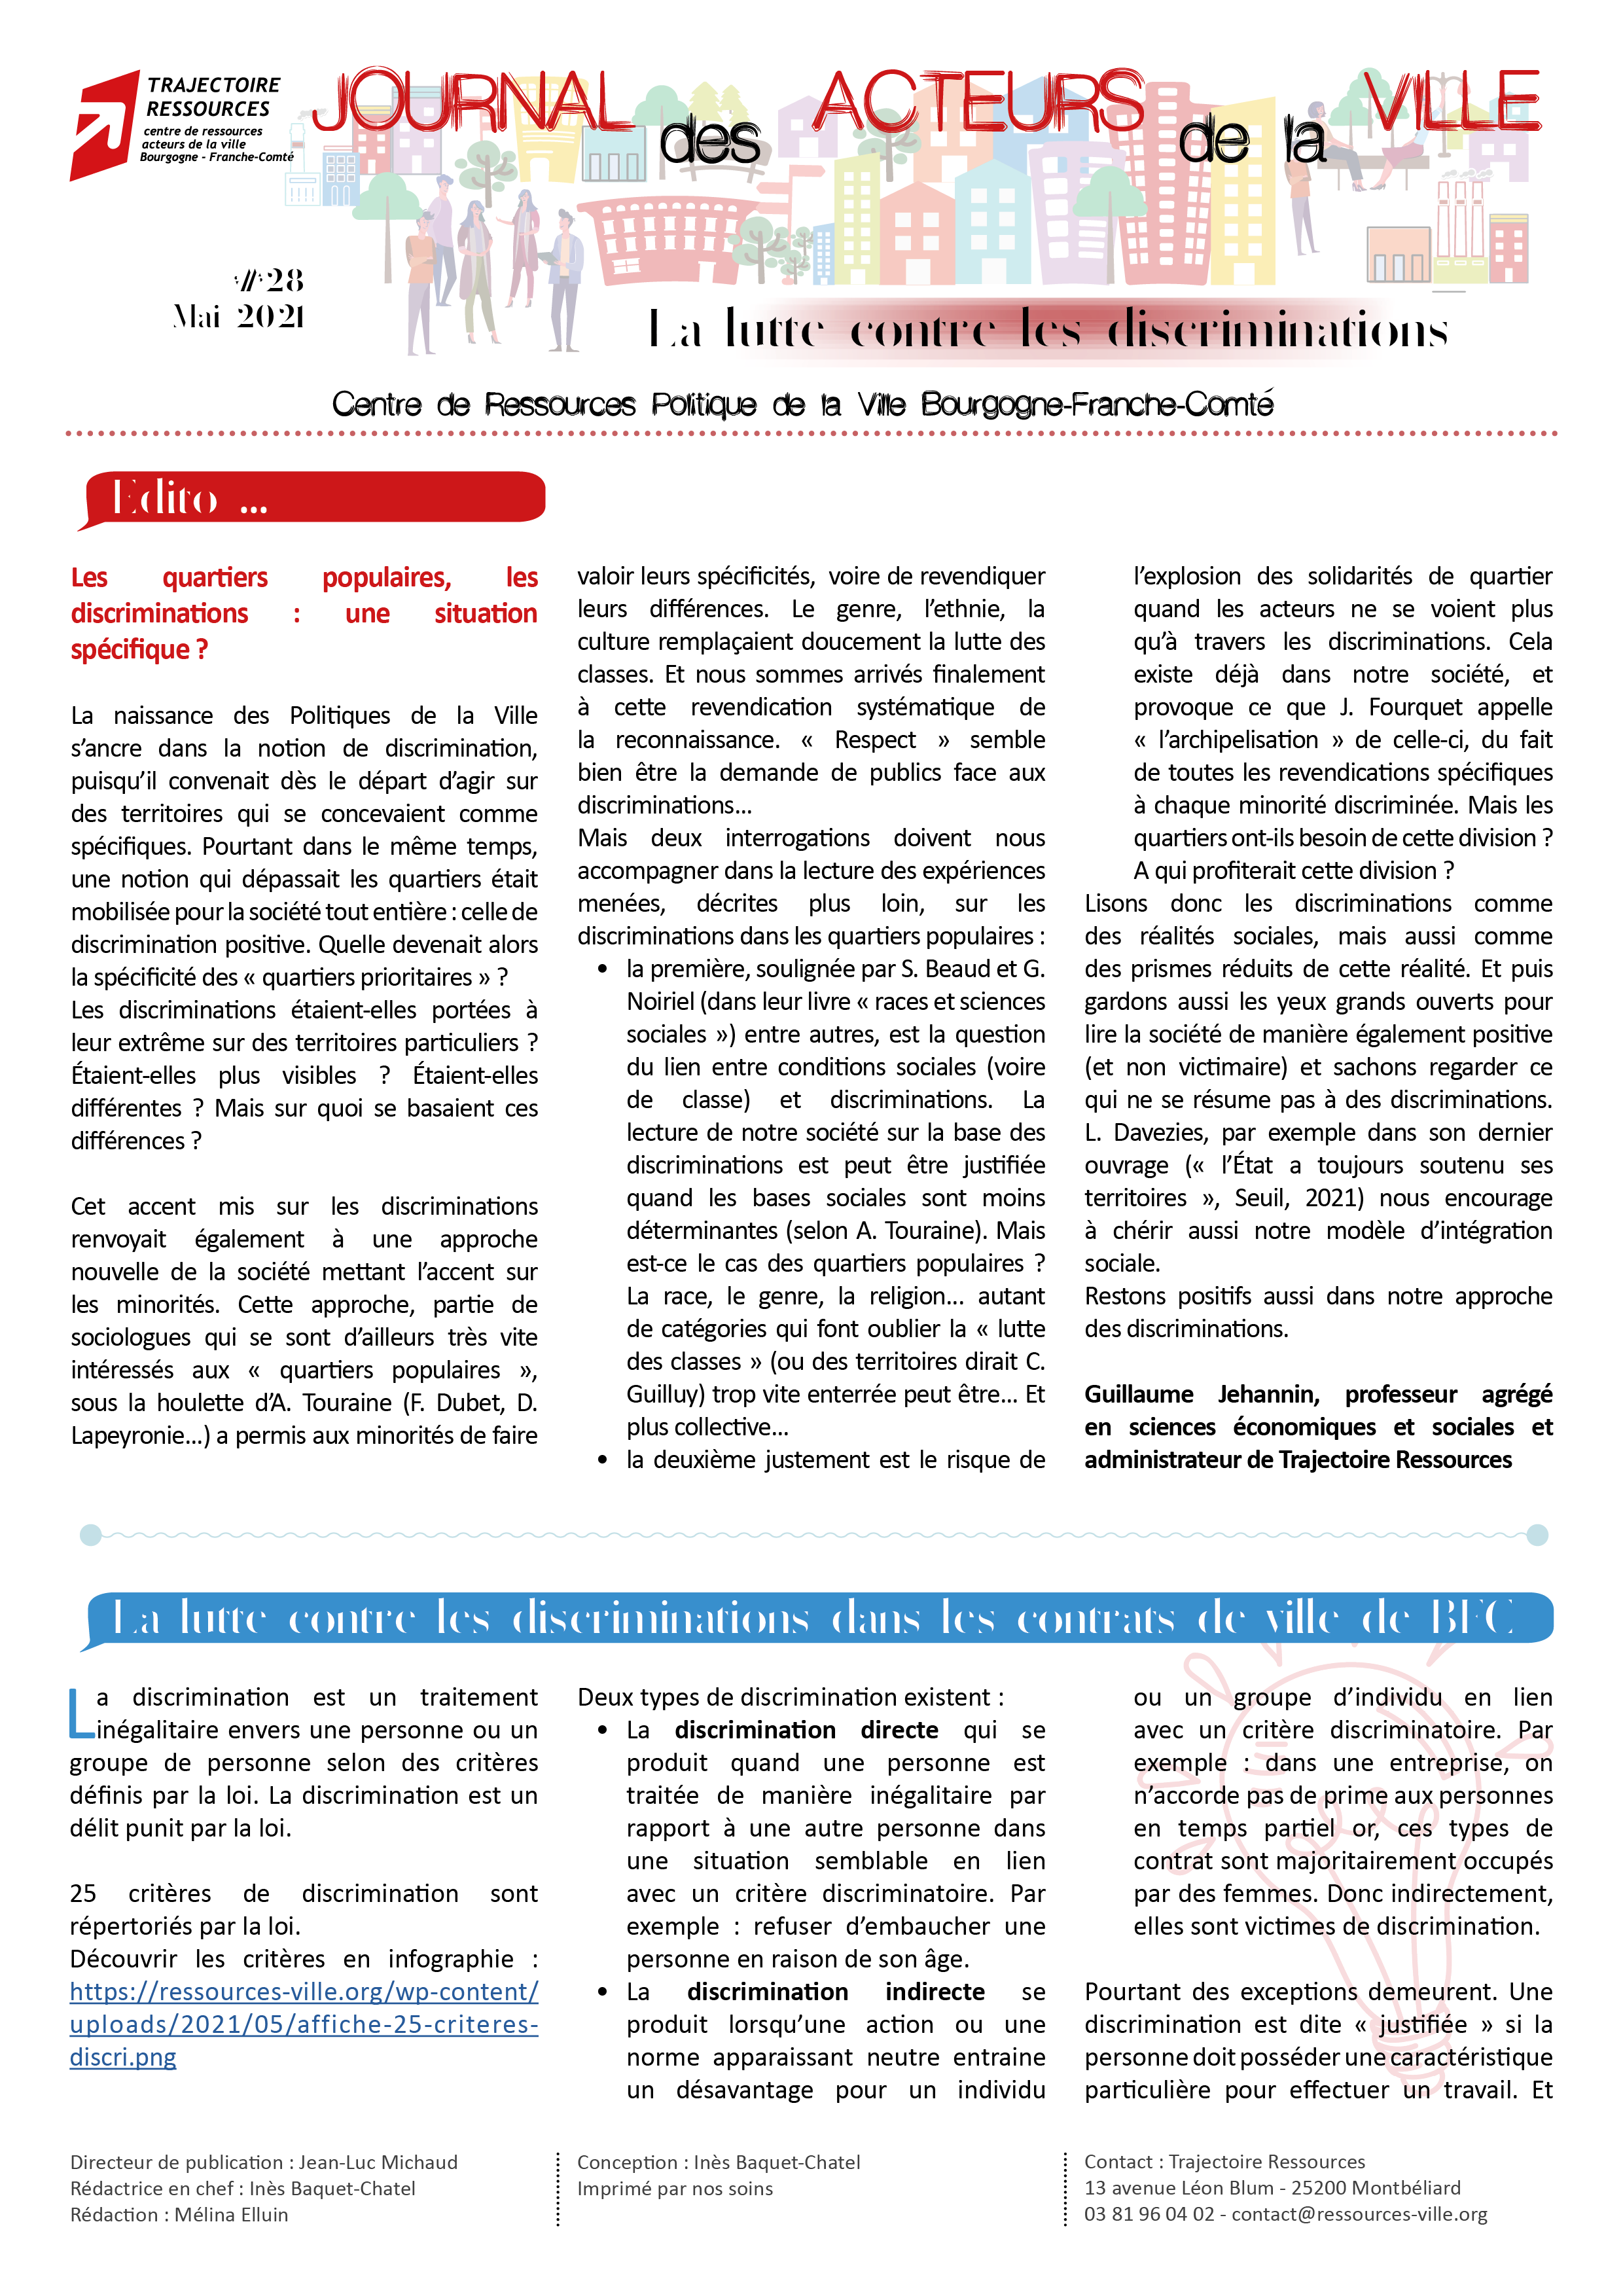 Journal des acteurs de la ville : lutte contre les discriminations